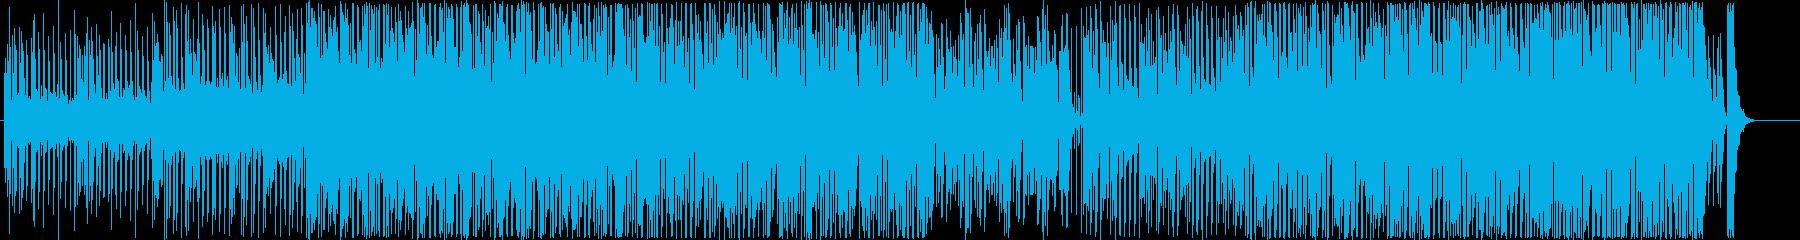 オカリナのアンサンブル!軽快でポップな曲の再生済みの波形